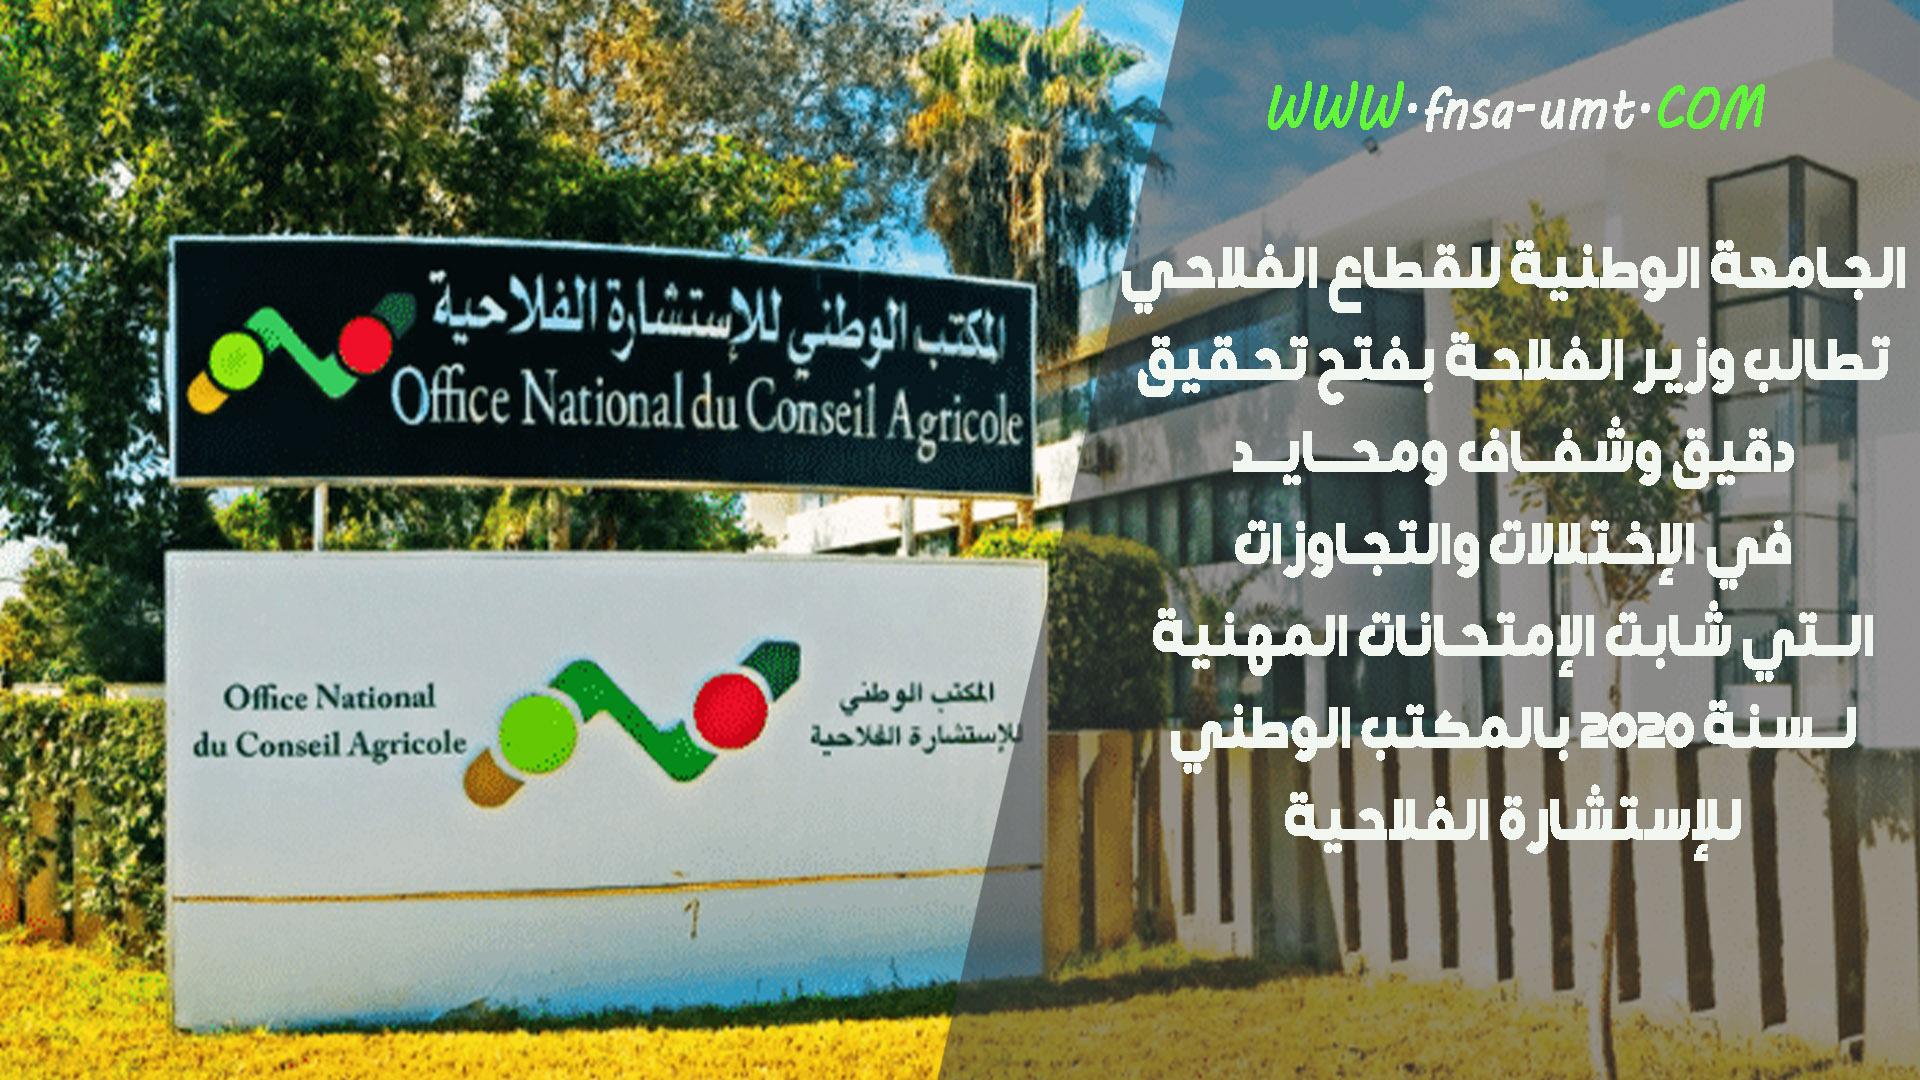 مقر المكتب الوطني للغستشارة الفلاحية